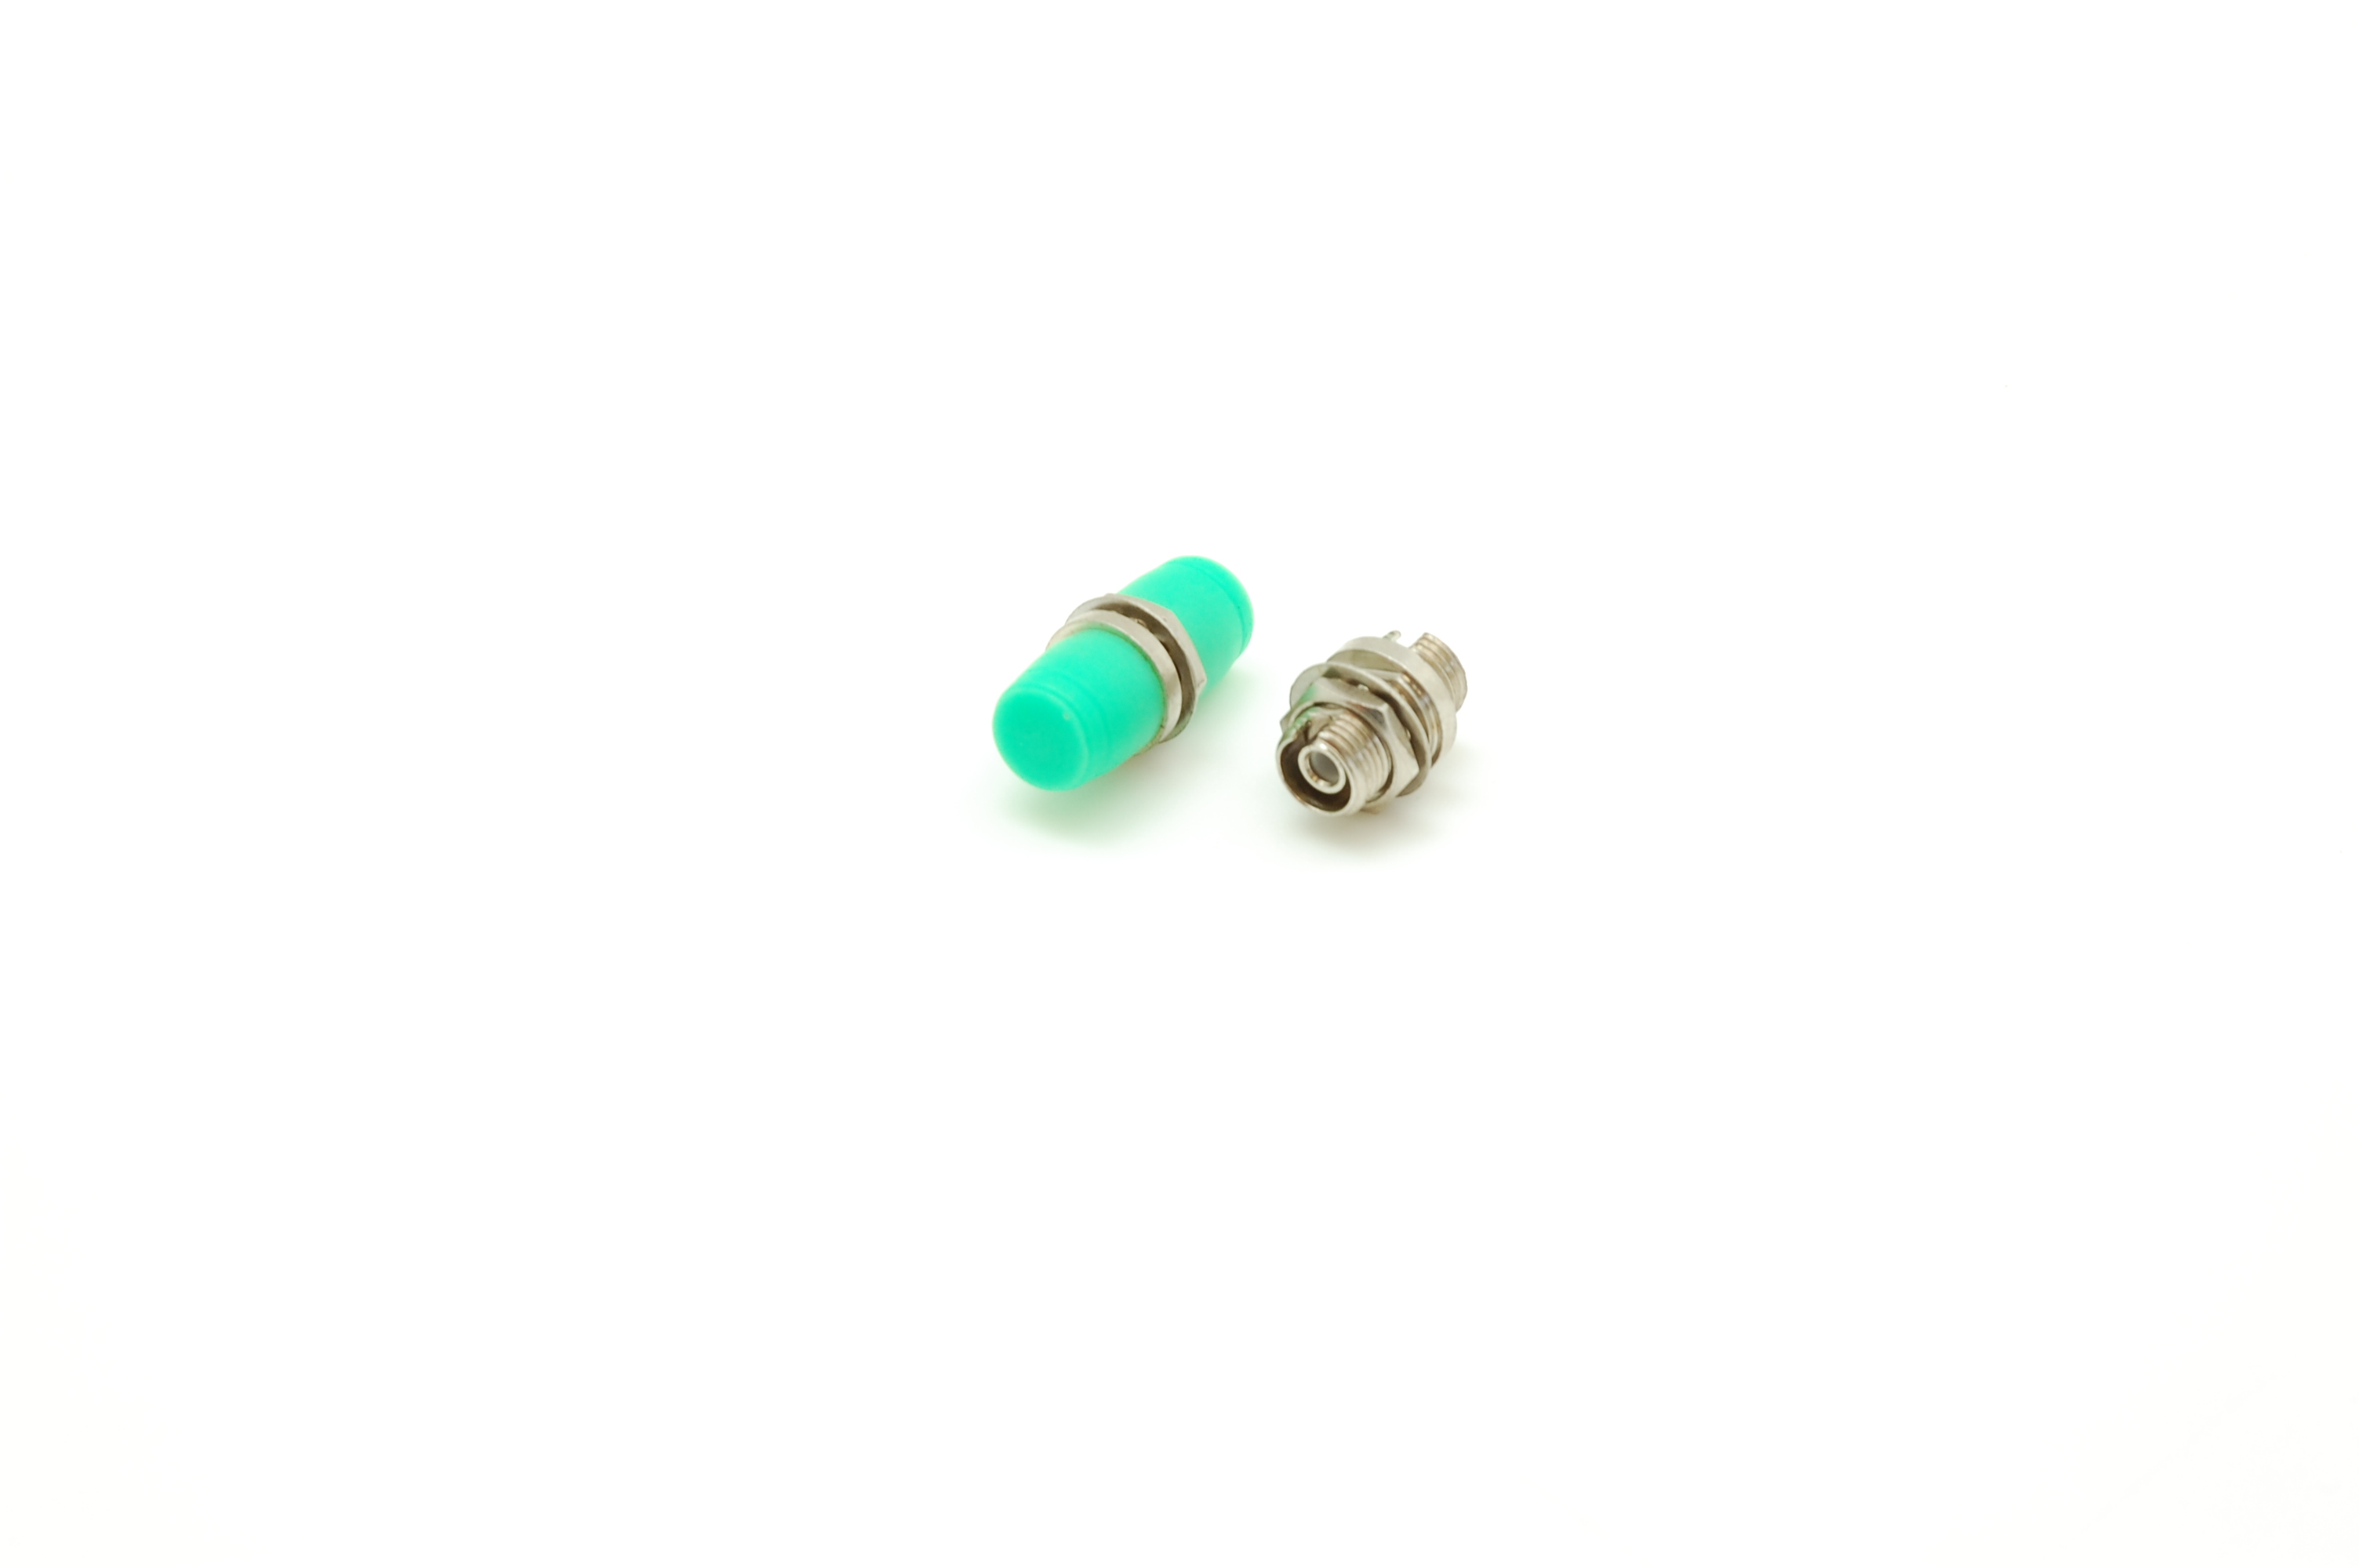 Адаптер NIKOMAX волоконно-оптический, соединительный, одномодовый, FC/APC-FC/APC, одинарный, латунный, тип D, металлик, уп-ка 2шт.